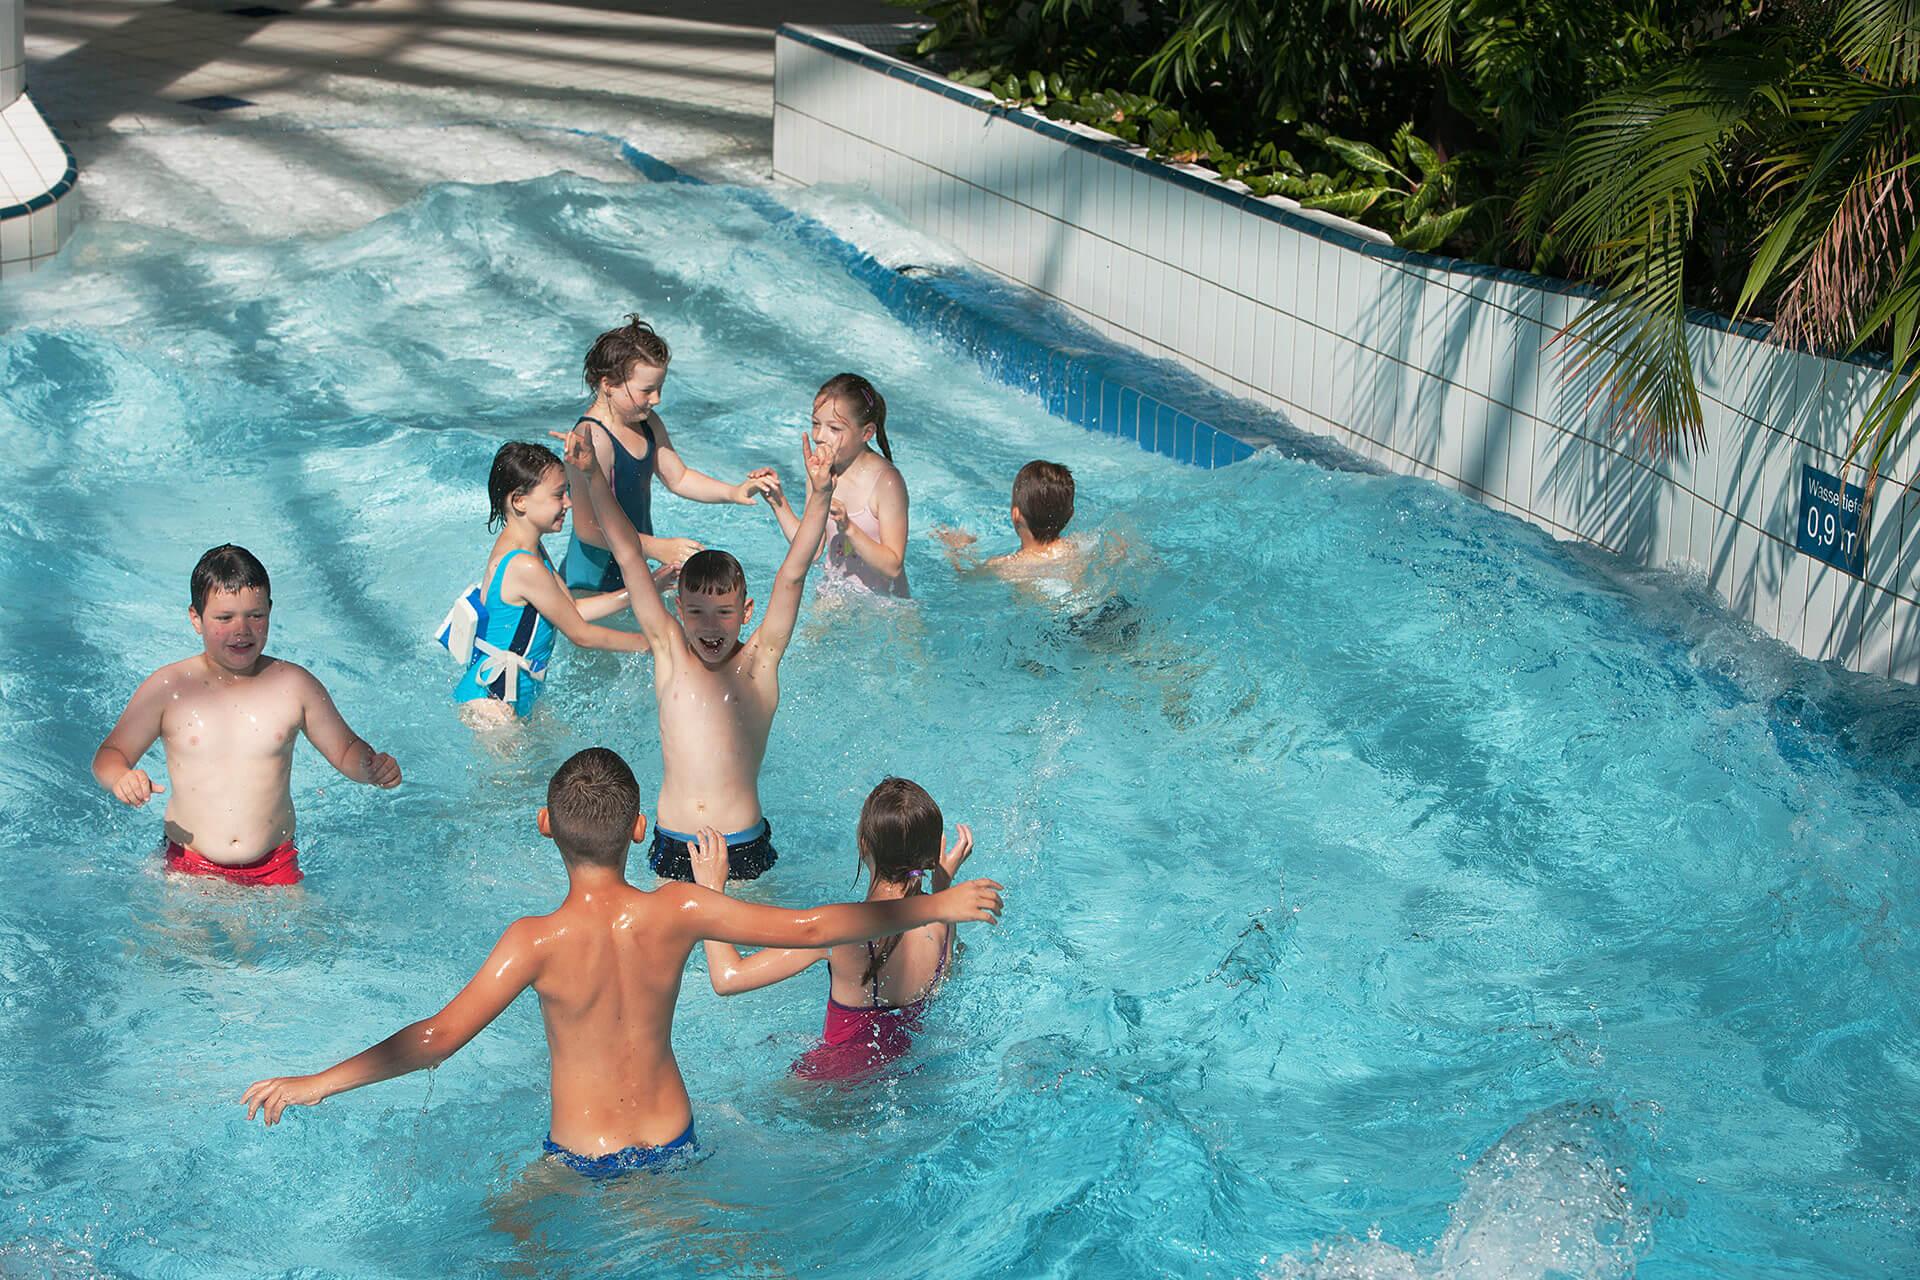 frauen nackt im schwimmbad